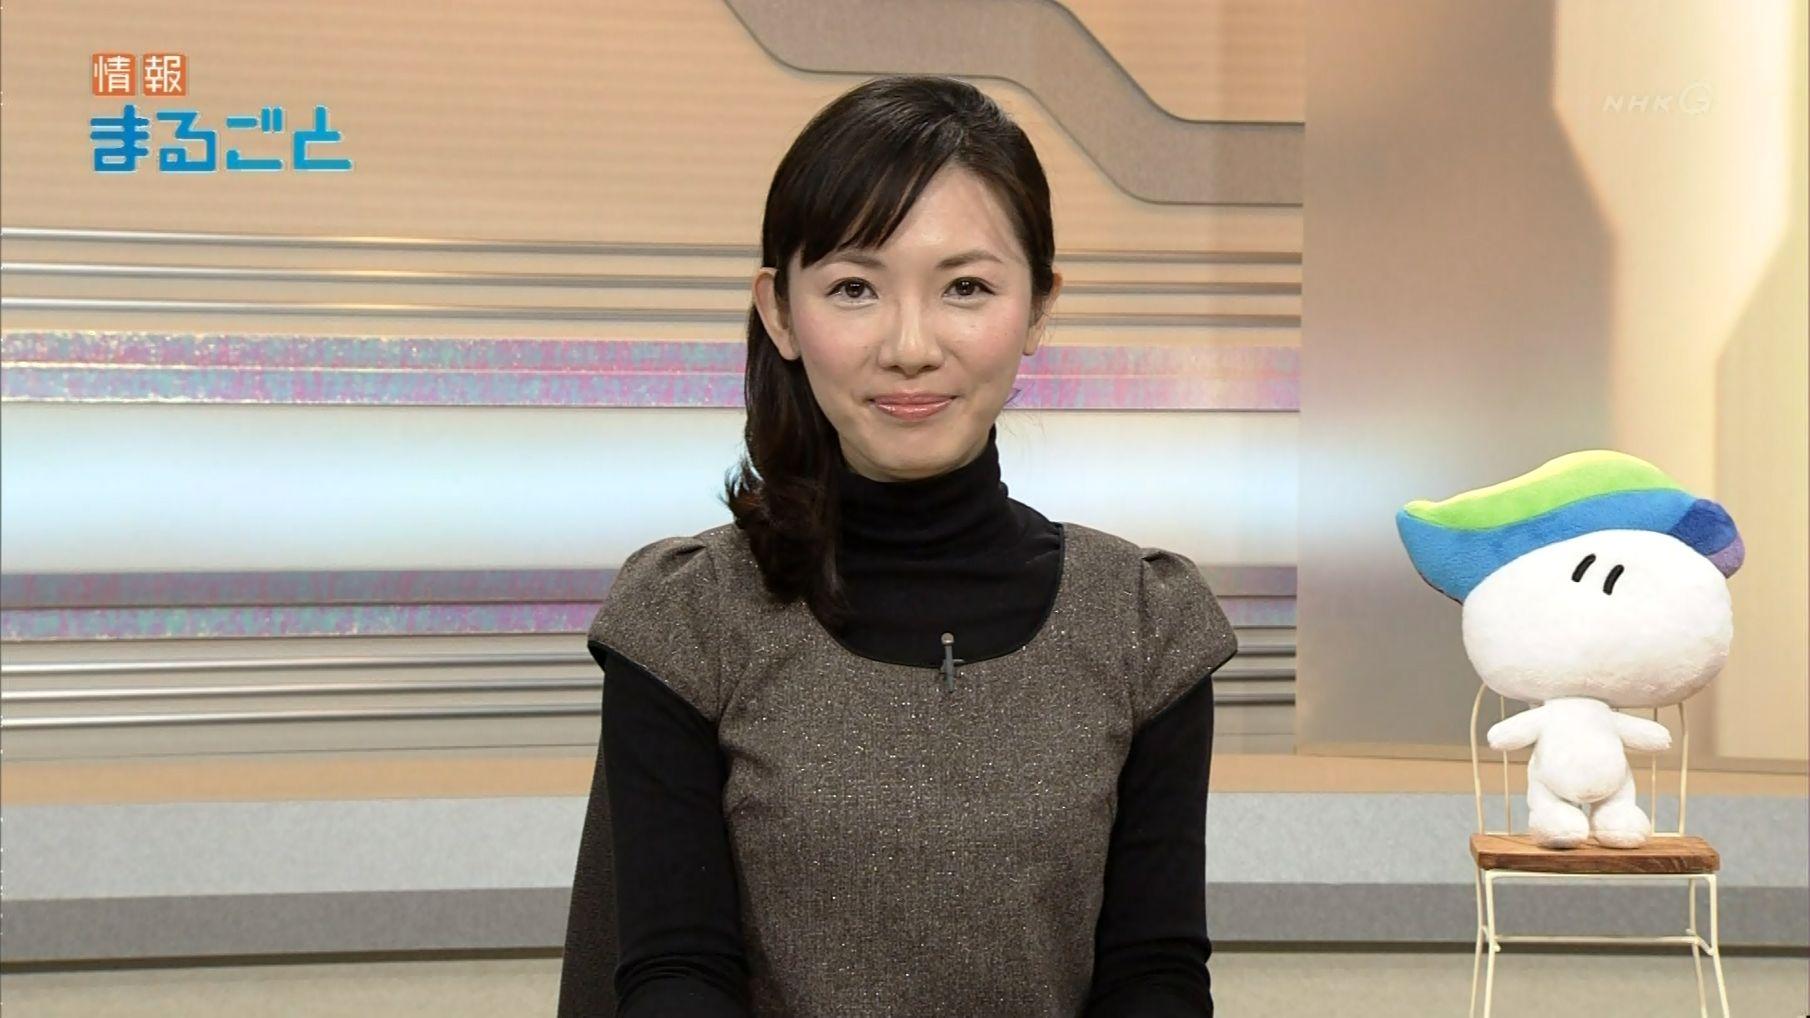 佐々木理恵 (NHK福岡)の画像 p1_38